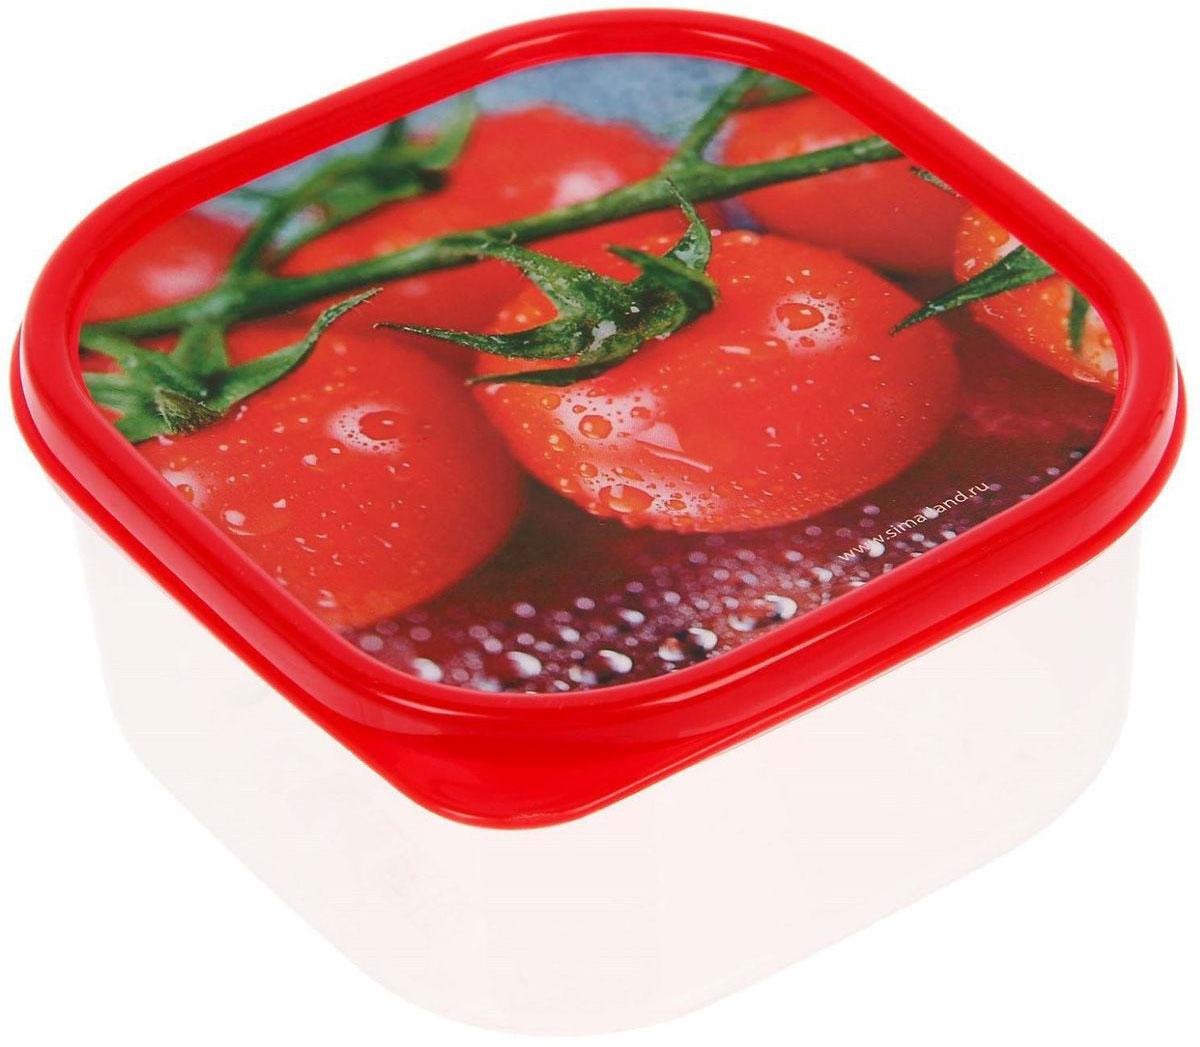 Ланч-бокс Доляна №4, квадратный, 450 млVT-1520(SR)Если после вкусного обеда осталась еда, а насладиться трапезой хочется и на следующий день, ланч-бокс станет отличным решением данной проблемы!Такой контейнер является незаменимым предметом кухонной утвари, ведь у него много преимуществ:Простота ухода. Ланч-бокс достаточно промыть тёплой водой с небольшим количеством чистящего средства, и он снова готов к использованию.Вместительность. Большой выбор форм и объёма поможет разместить разнообразные продукты от сахара до супов.Эргономичность. Ланч-боксы очень легко хранить даже в самой маленькой кухне, так как их можно поставить один в другой по принципу матрёшки.Многофункциональность. Разнообразие цветов и форм делает возможным использование контейнеров не только на кухне, но и в других областях домашнего быта.Любители приготовления обеда на всю семью в большинстве случаев приобретают ланч-боксы наборами, так как это позволяет рассортировать продукты по всевозможным признакам. К тому же контейнеры среднего размера станут незаменимыми помощниками на работе: ведь что может быть приятнее, чем порадовать себя во время обеда прекрасной едой, заботливо сохранённой в контейнере?В качестве материала для изготовления используется пластик, что делает процесс ухода за контейнером ещё более эффективным. К каждому ланч-боксу в комплекте также прилагается крышка подходящего размера, это позволяет плотно и надёжно удерживать запах еды и упрощает процесс транспортировки.Однако рекомендуется соблюдать и меры предосторожности: не использовать пластиковые контейнеры в духовых шкафах и на открытом огне, а также не разогревать в микроволновых печах при закрытой крышке ланч-бокса. Соблюдение мер безопасности позволит продлить срок эксплуатации и сохранить отличный внешний вид изделия.Эргономичный дизайн и многофункциональность таких контейнеров — вот, что является причиной большой популярности данного предмета у каждой хозяйки. А в преддверии лета и дачного сезона такое приобретение позволит